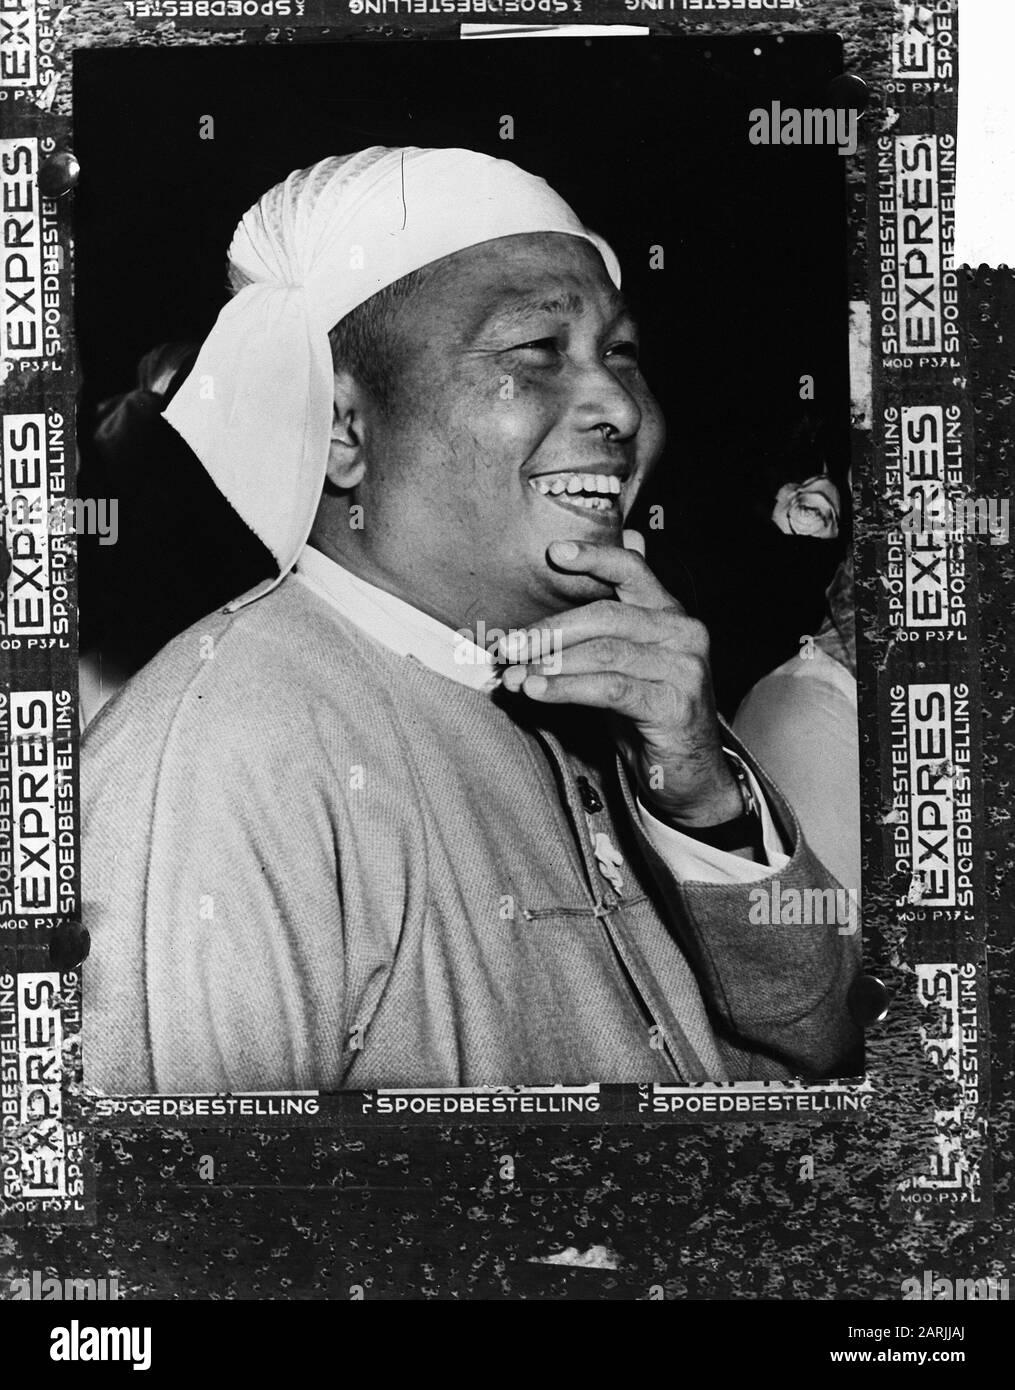 Coup d'État en Birmanie, premier ministre U Date : 2 mars 1962 lieu : Birmanie mots clés : premiers ministres Banque D'Images